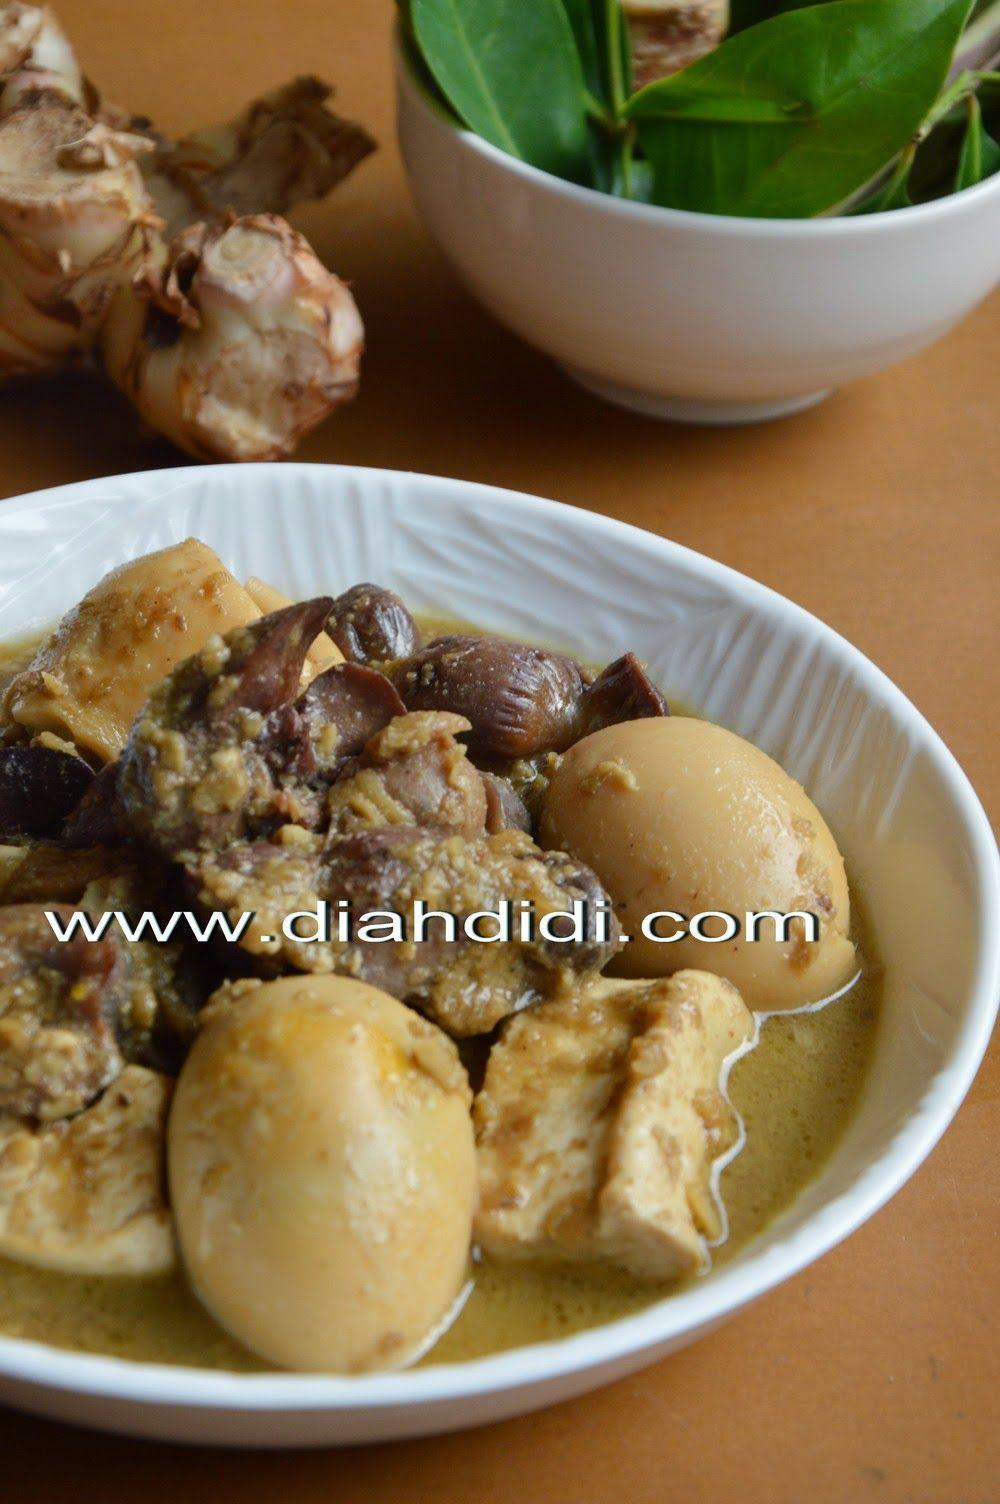 Blog Diah Didi Berisi Resep Masakan Praktis Yang Mudah Dipraktekkan Di Rumah Resep Masakan Indonesia Resep Masakan Makanan Dan Minuman